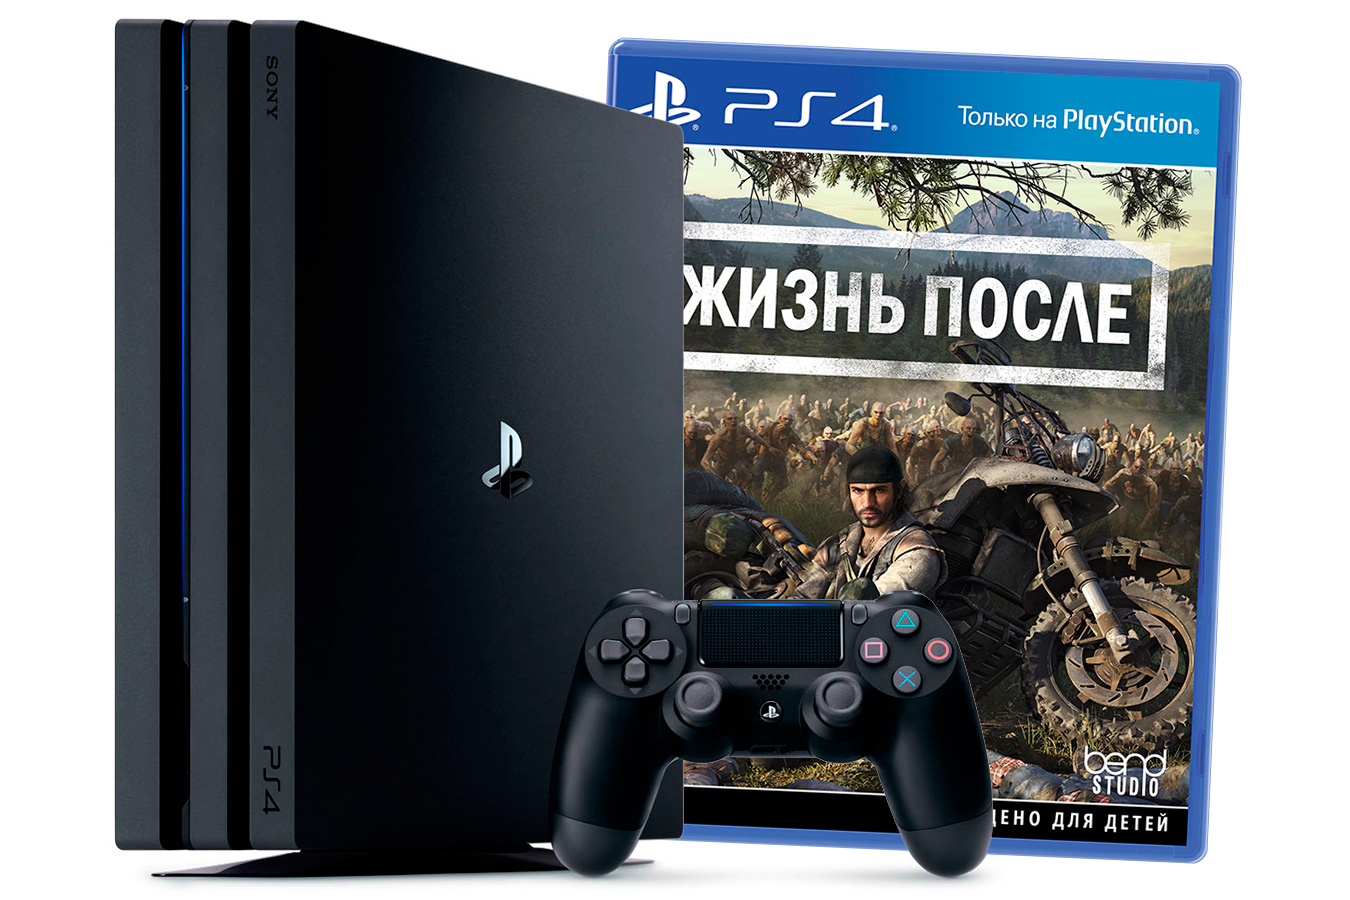 PlayStation 4 Pro приставка с игрой Жизнь После [PS4P1DGO]